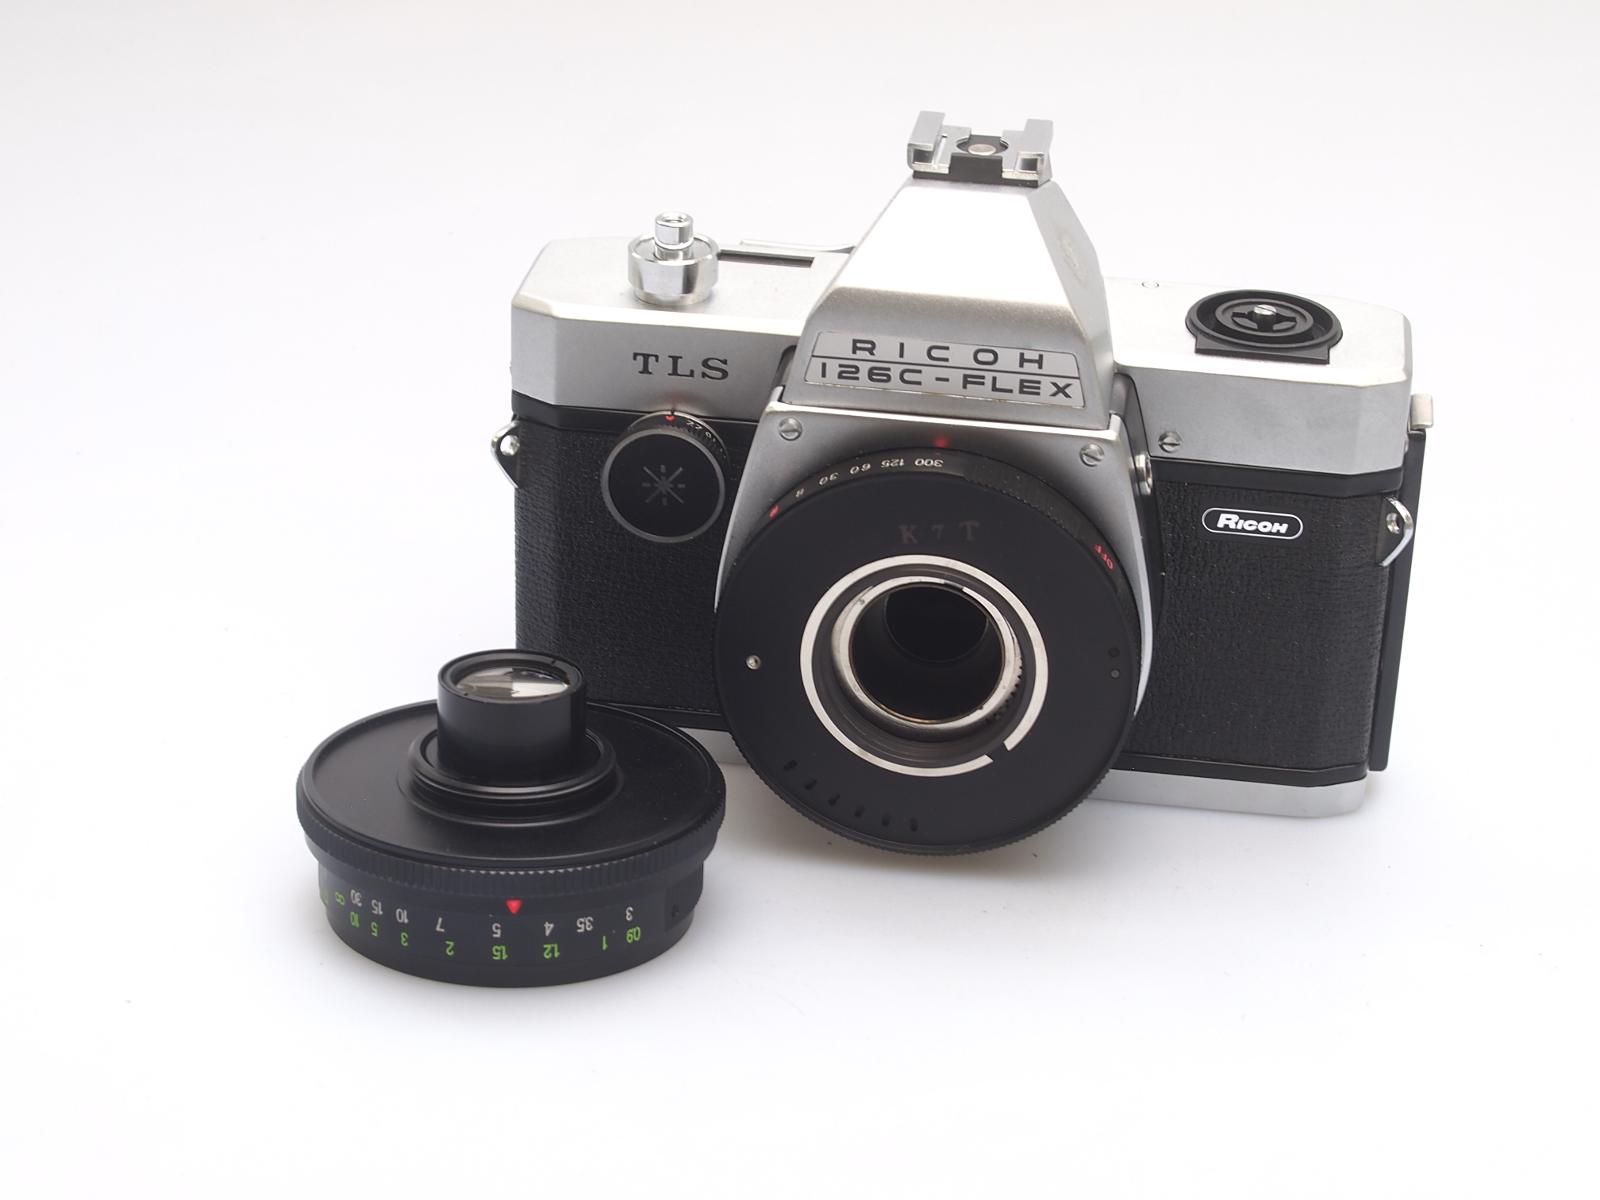 Foto & Camcorder Neue Mode Belichtungsmesser Revue S110